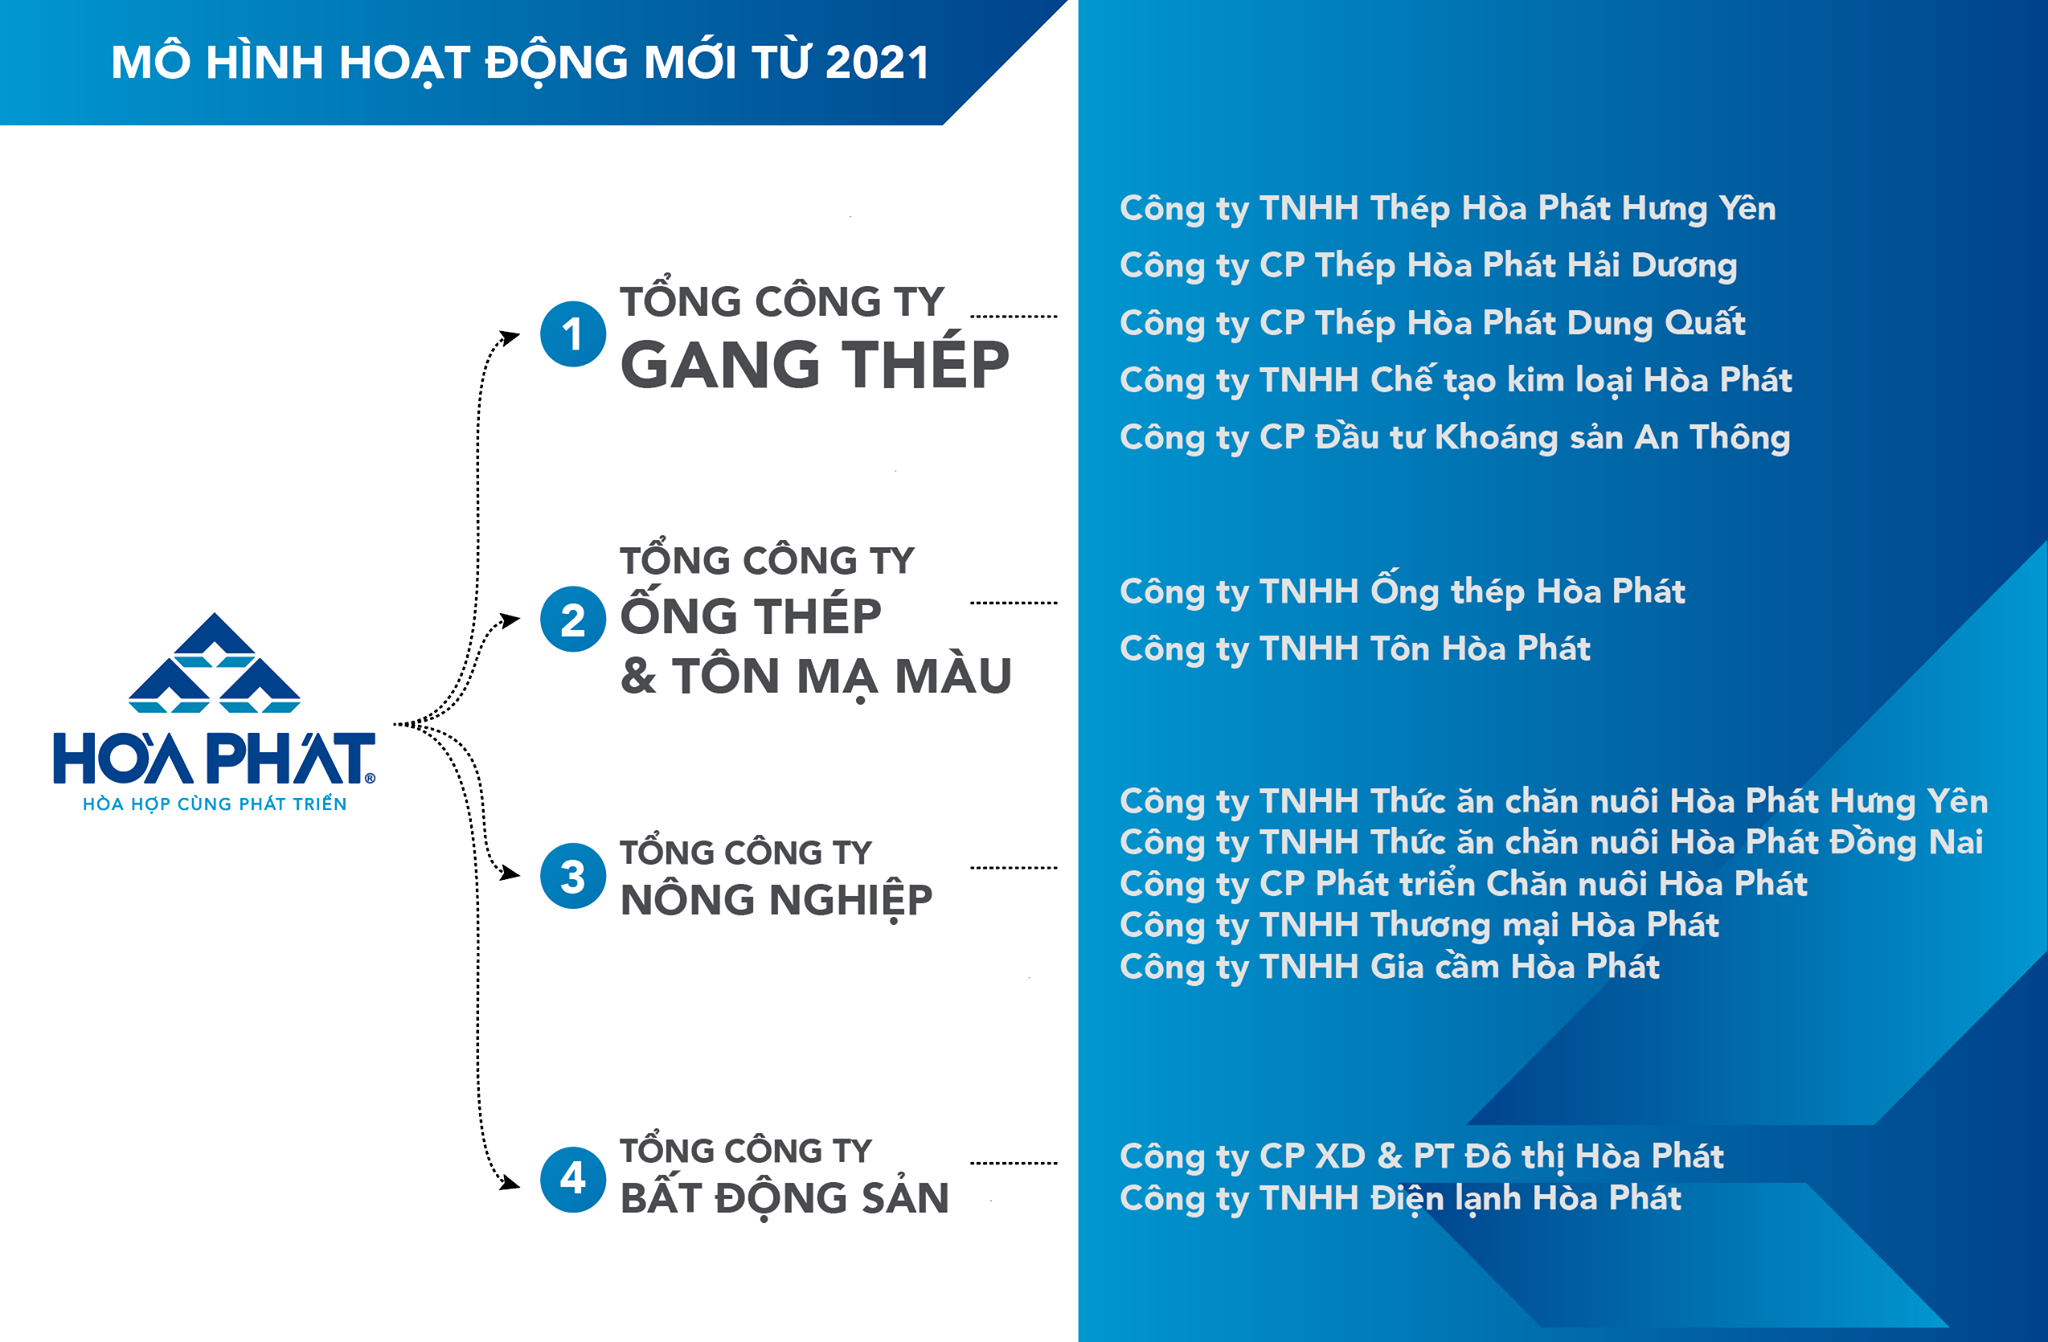 mô hình tổ chức mới của tập đoàn hòa phát từ năm 2021